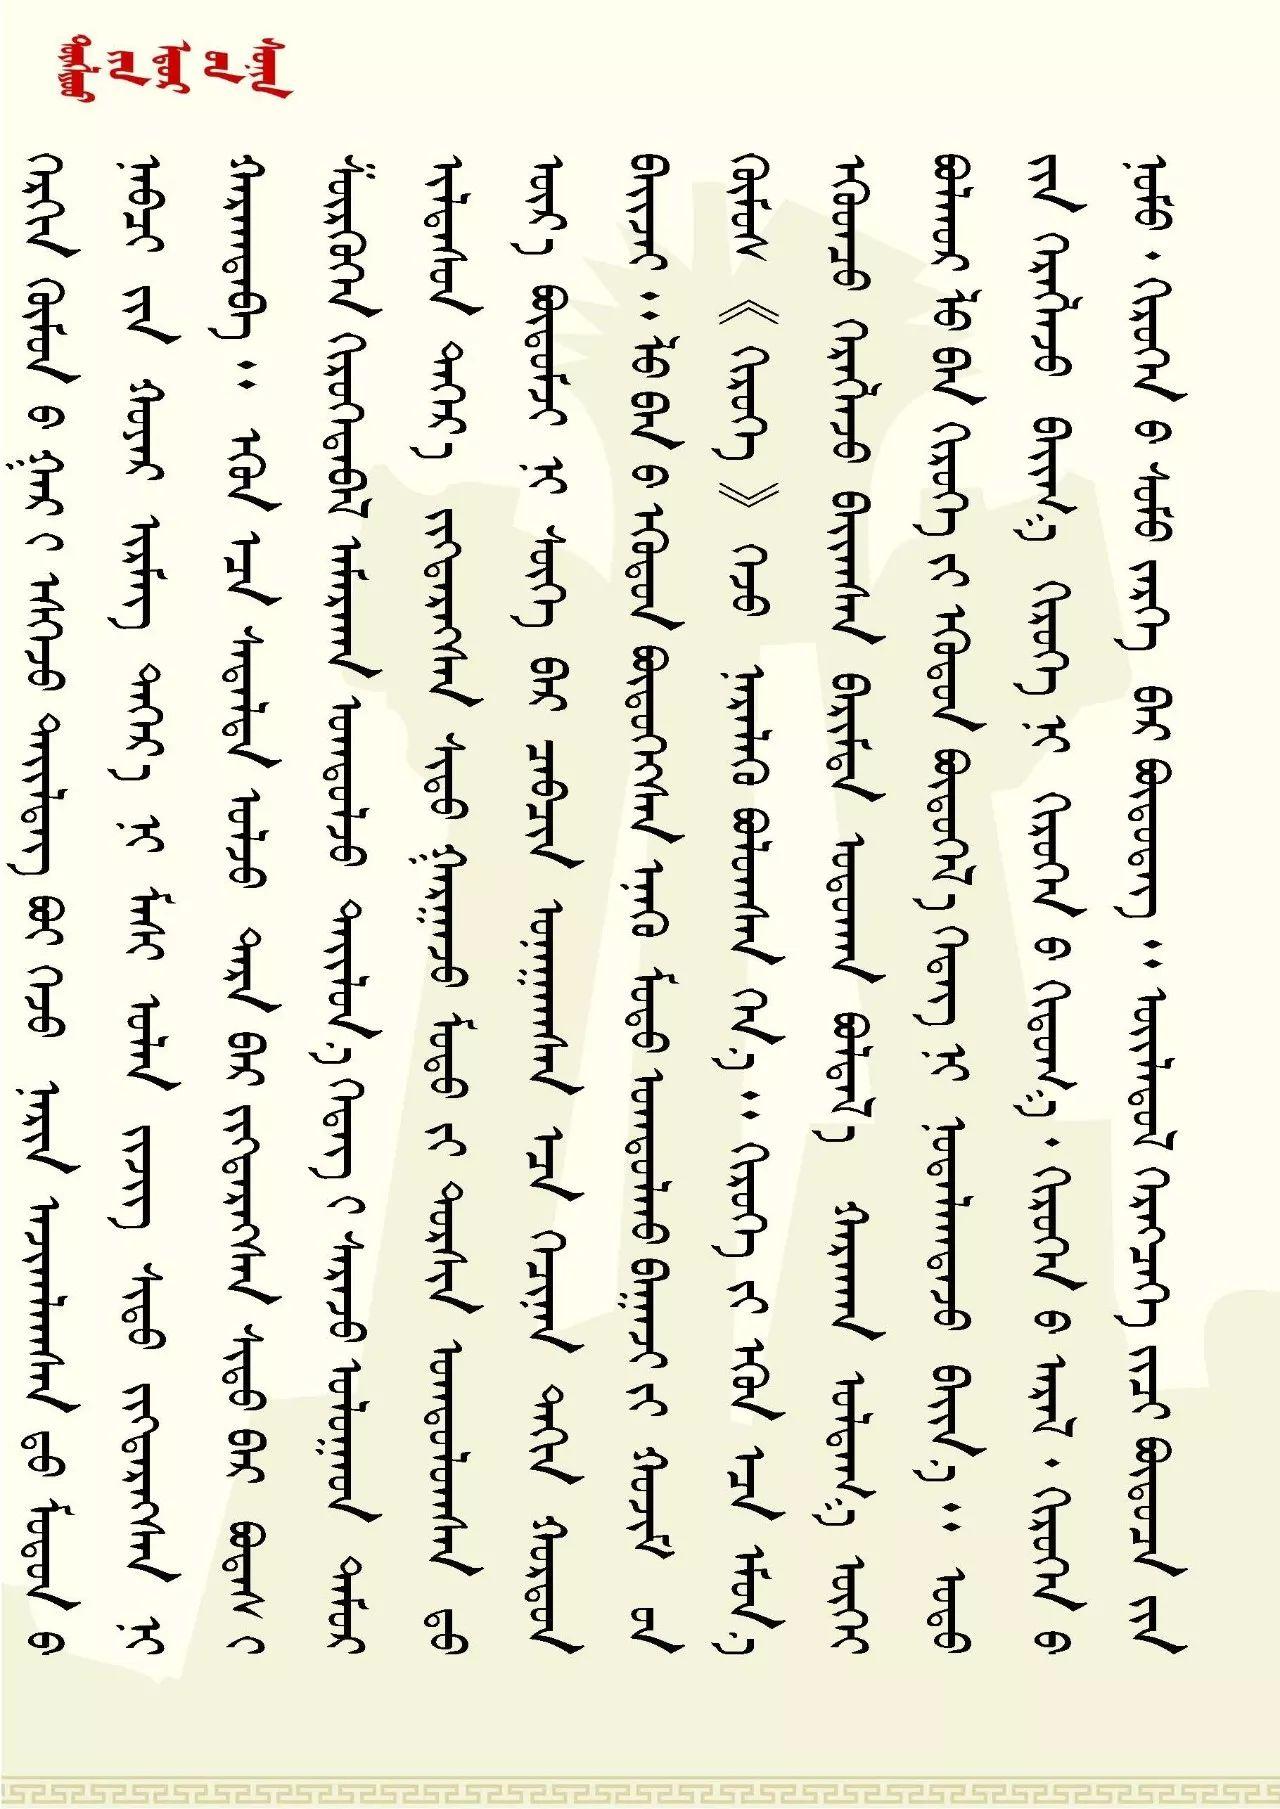 【文化】科尔沁木工文化(蒙古文) 第16张 【文化】科尔沁木工文化(蒙古文) 蒙古文化